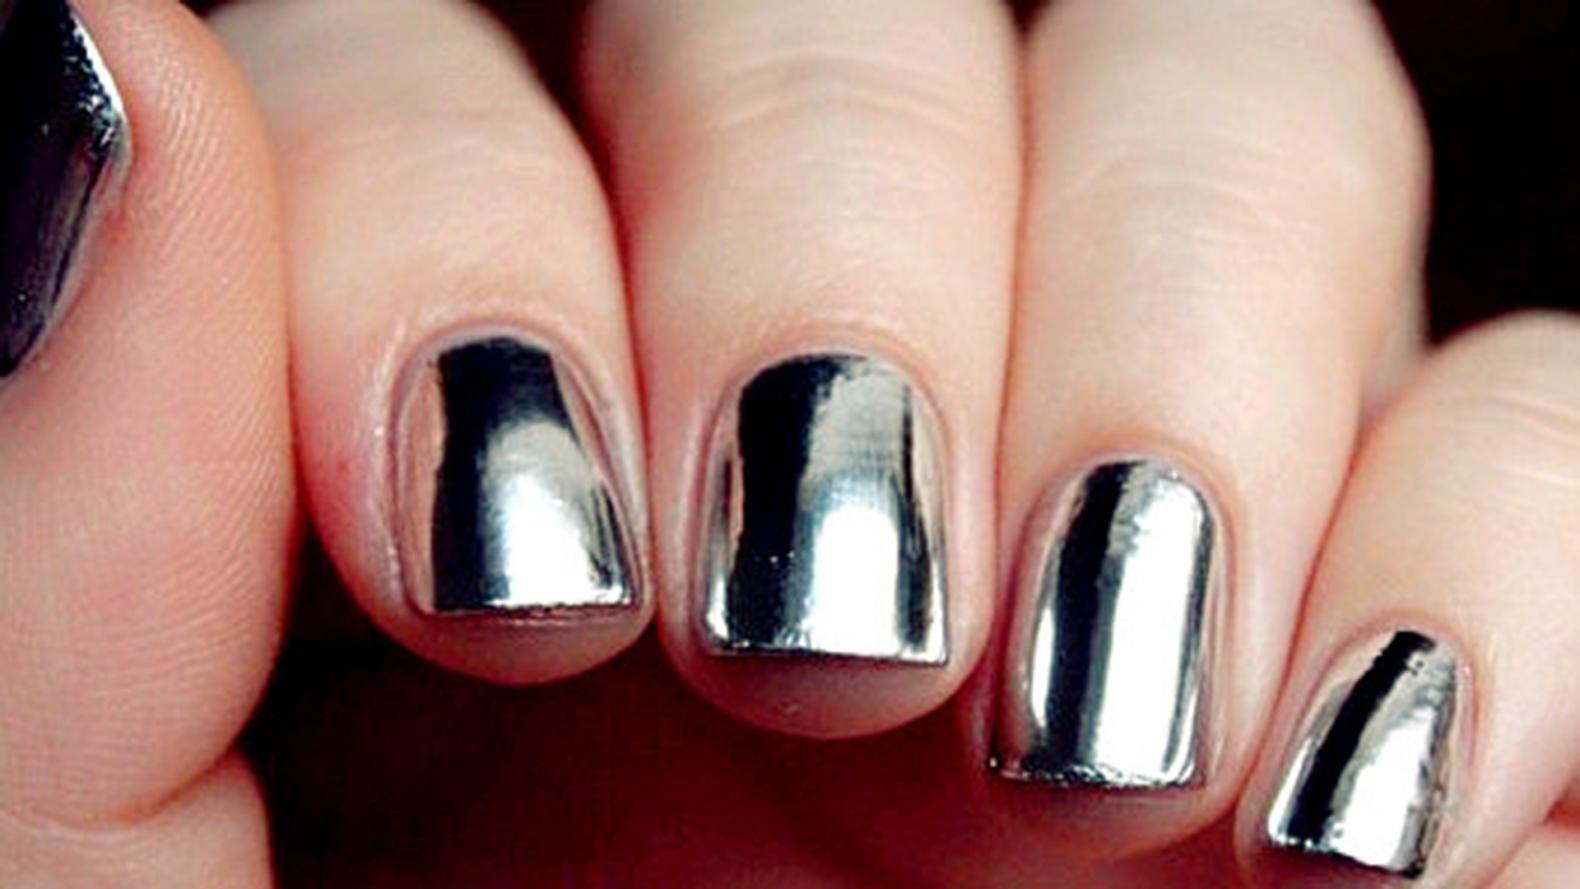 Las uñas espejo se apoderan de Instagram | Uñas | Pinterest | La uña ...